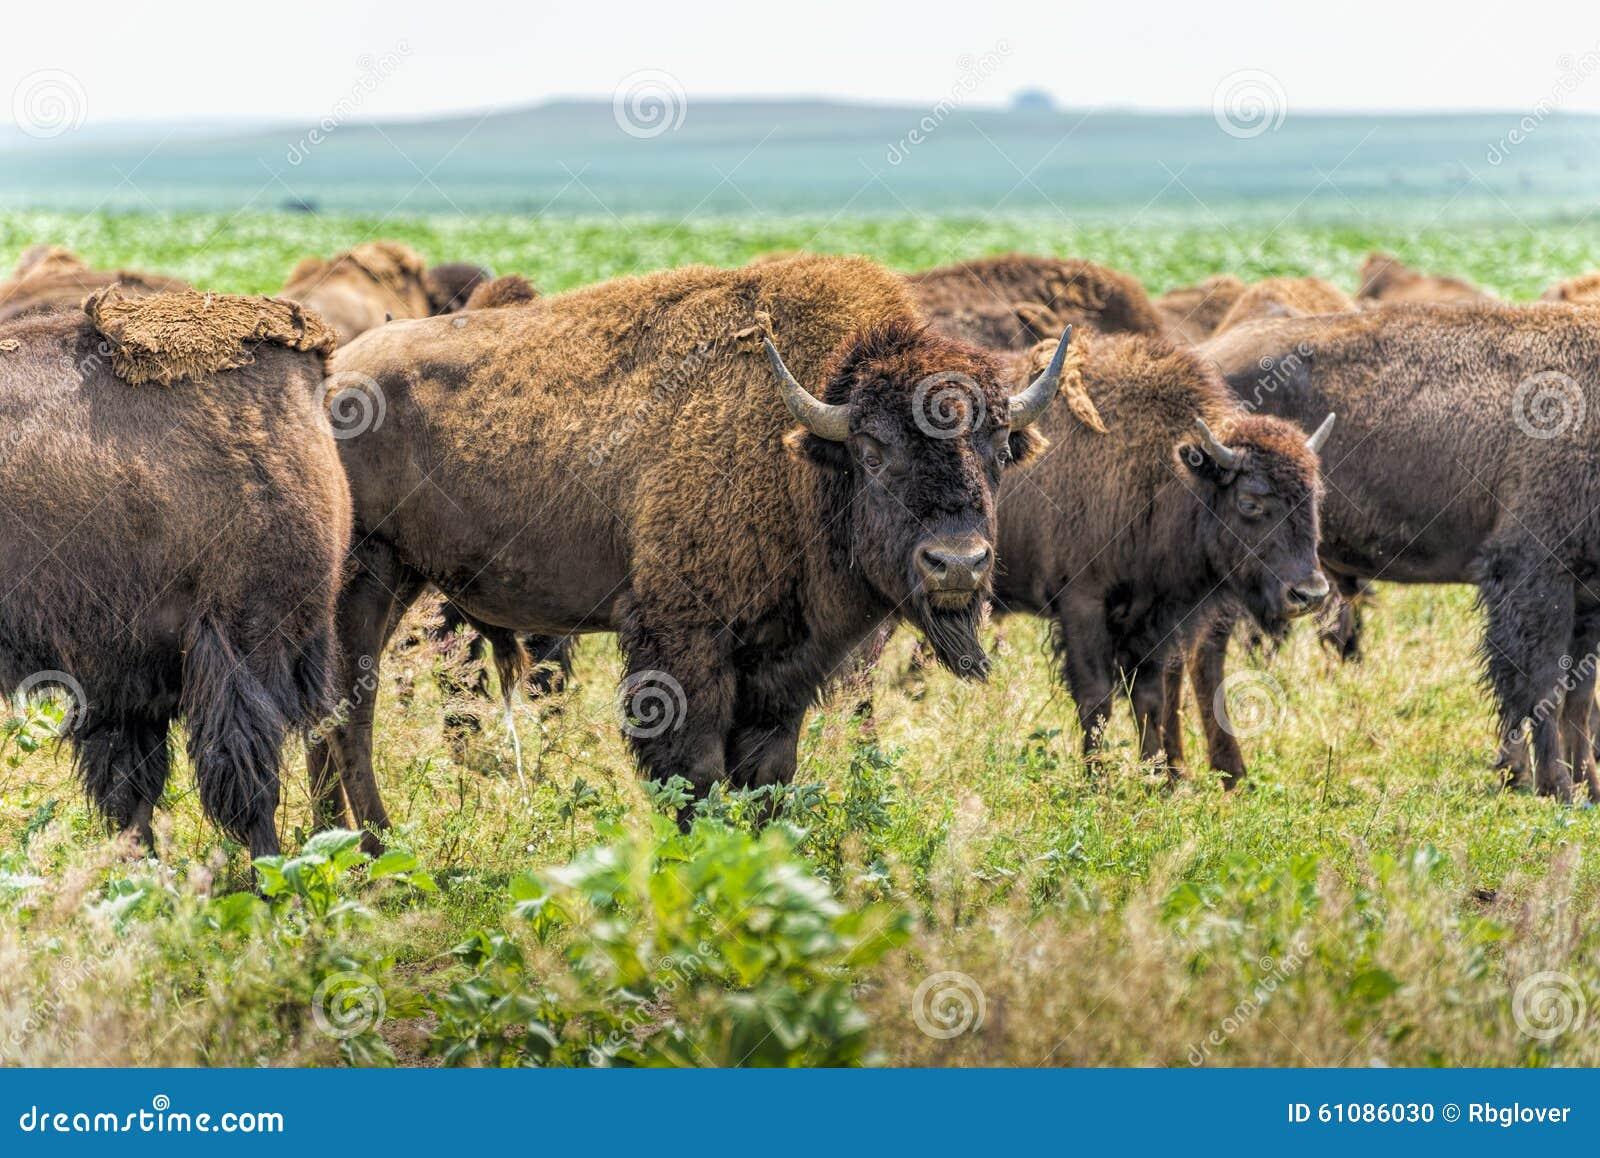 Büffel (Bison) weiden lassend auf North- Dakotagrasland